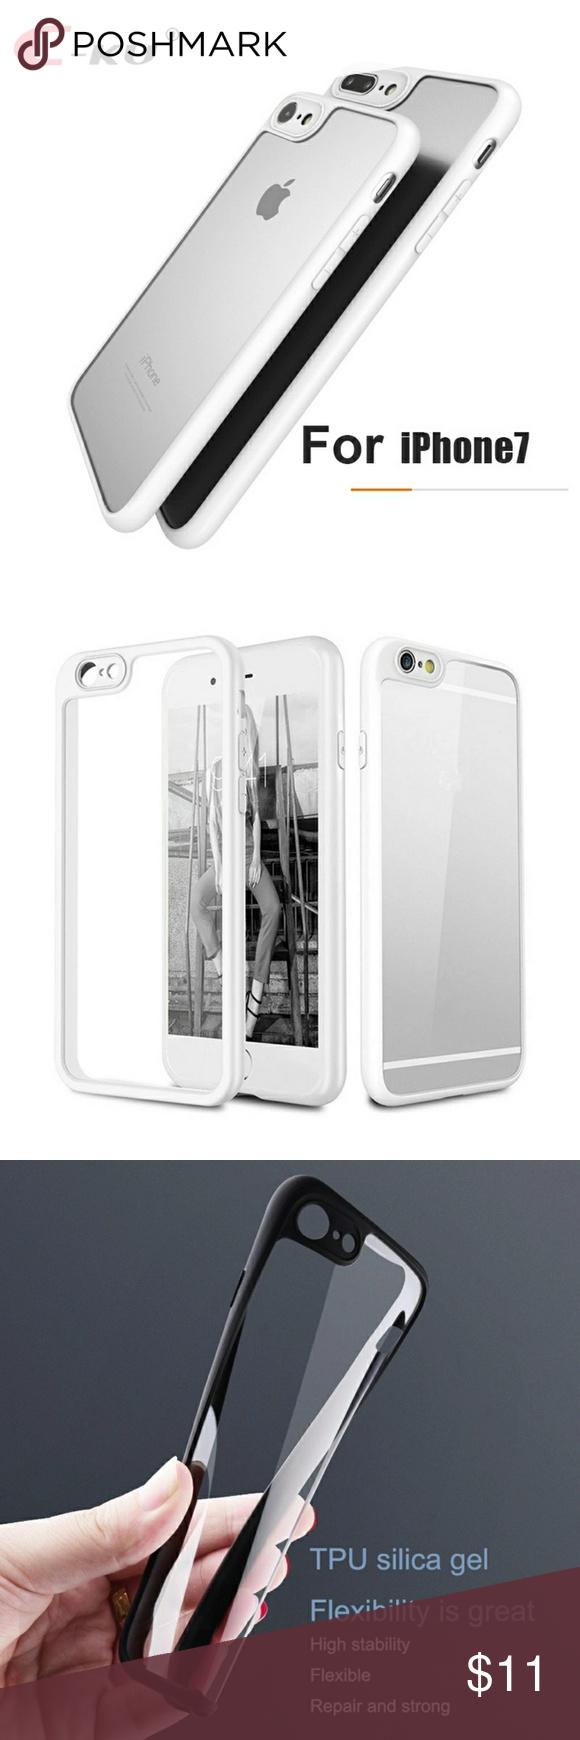 iphone 7 phone cases egdes